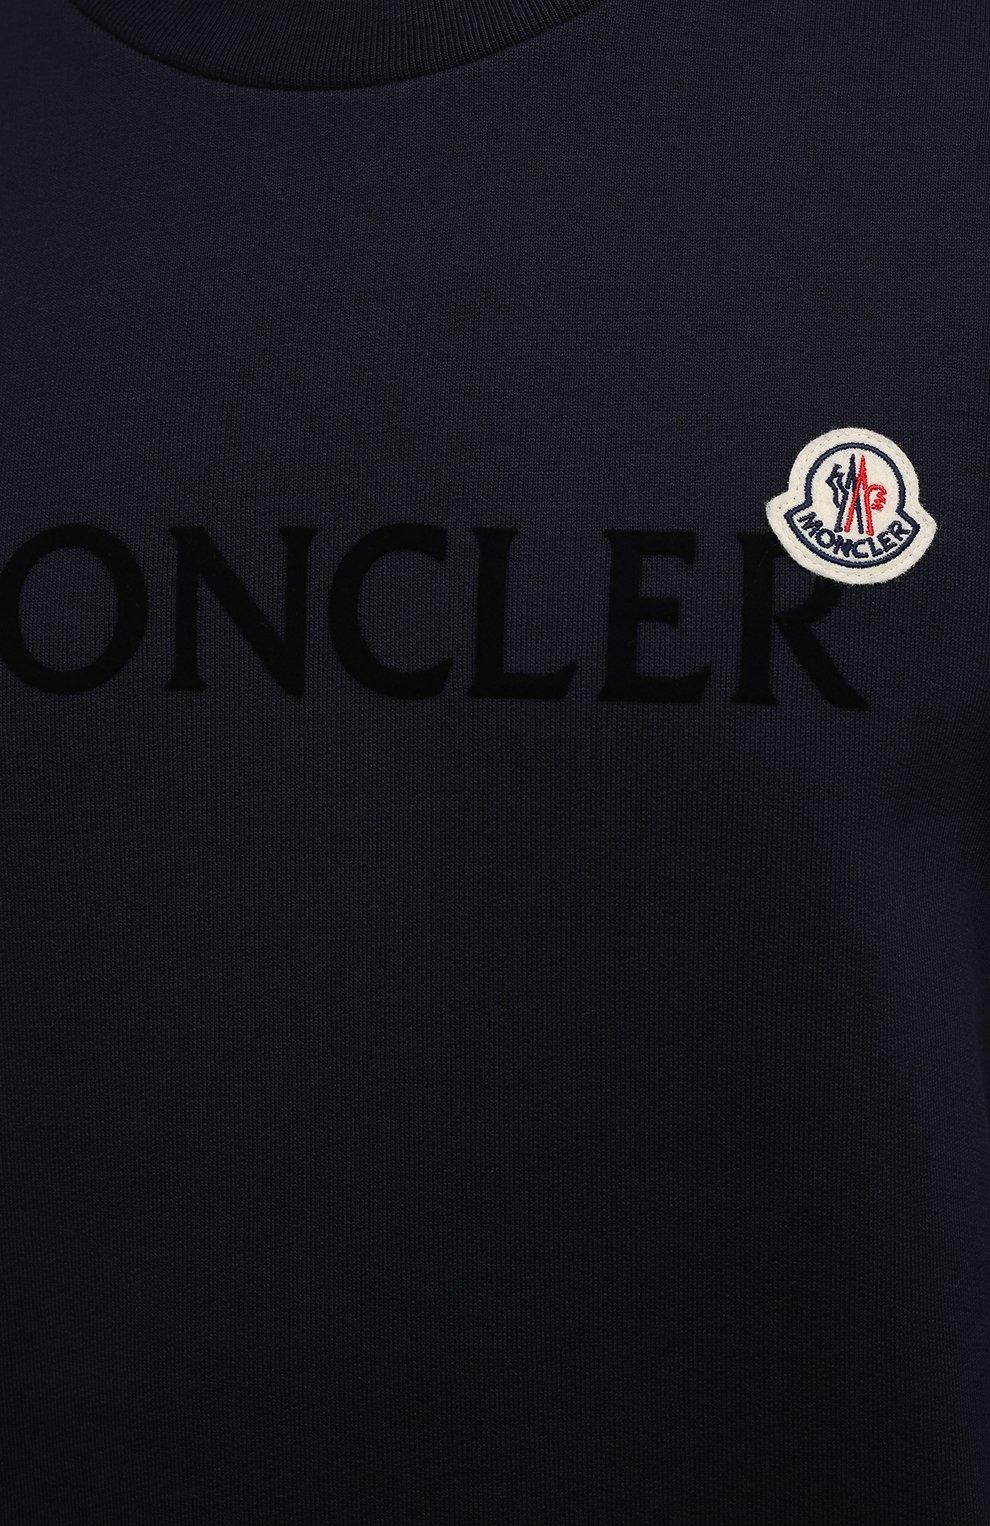 Мужской хлопковый свитшот MONCLER темно-синего цвета, арт. G2-091-8G000-23-809KR | Фото 5 (Рукава: Длинные; Длина (для топов): Стандартные; Принт: С принтом; Мужское Кросс-КТ: свитшот-одежда; Материал внешний: Хлопок; Стили: Кэжуэл)